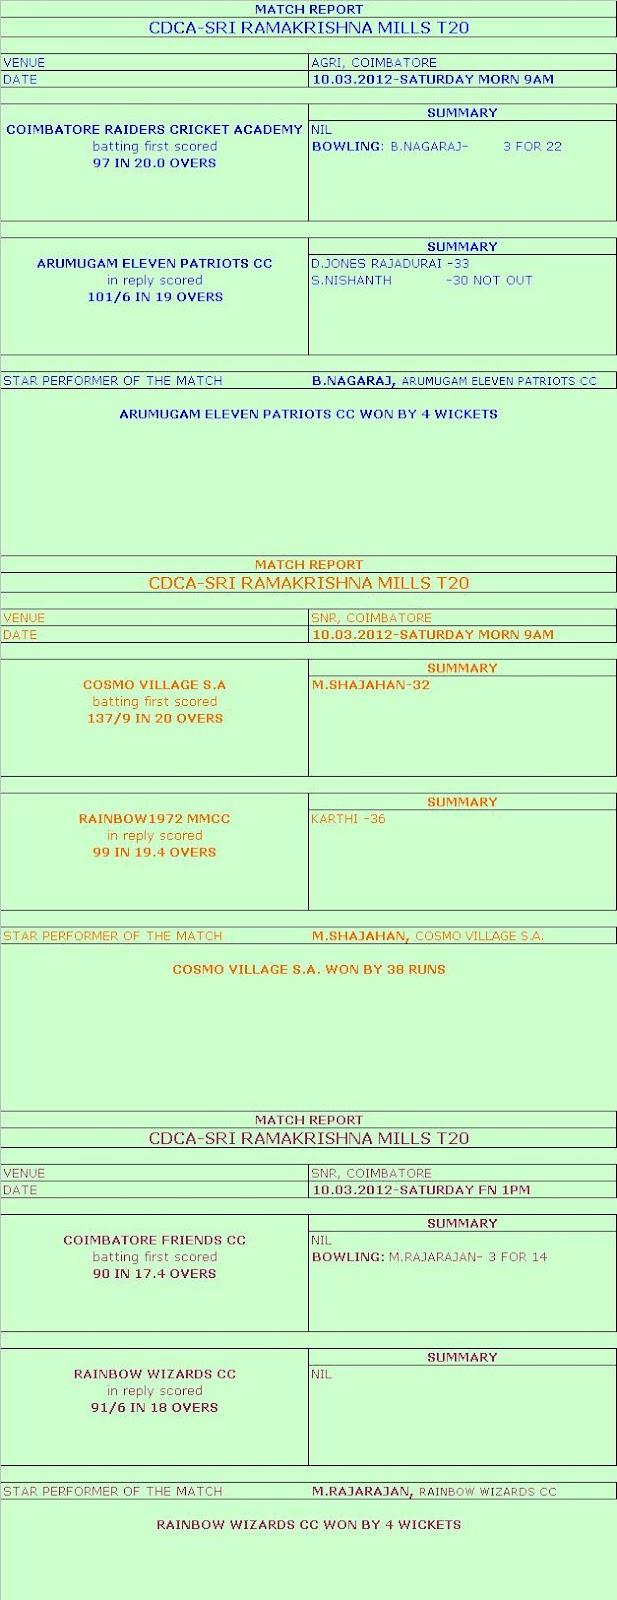 CDCA-SRI RAMAKRISHNA MILLS T20